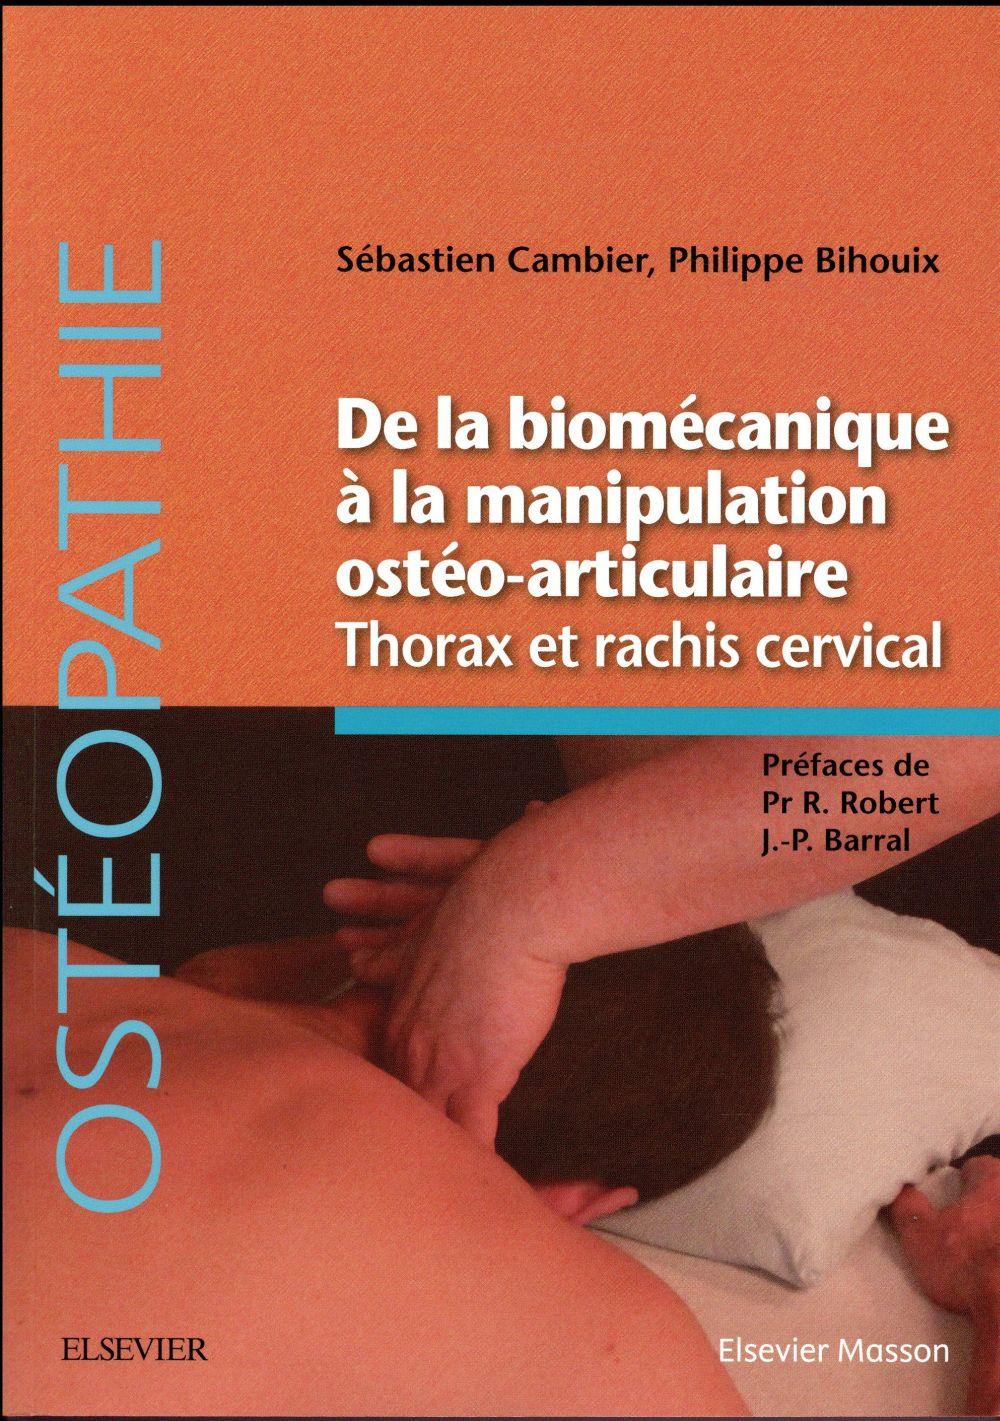 De la biomécanique à la manipulation ostéo-articulaire ; thorax et rachis cervical